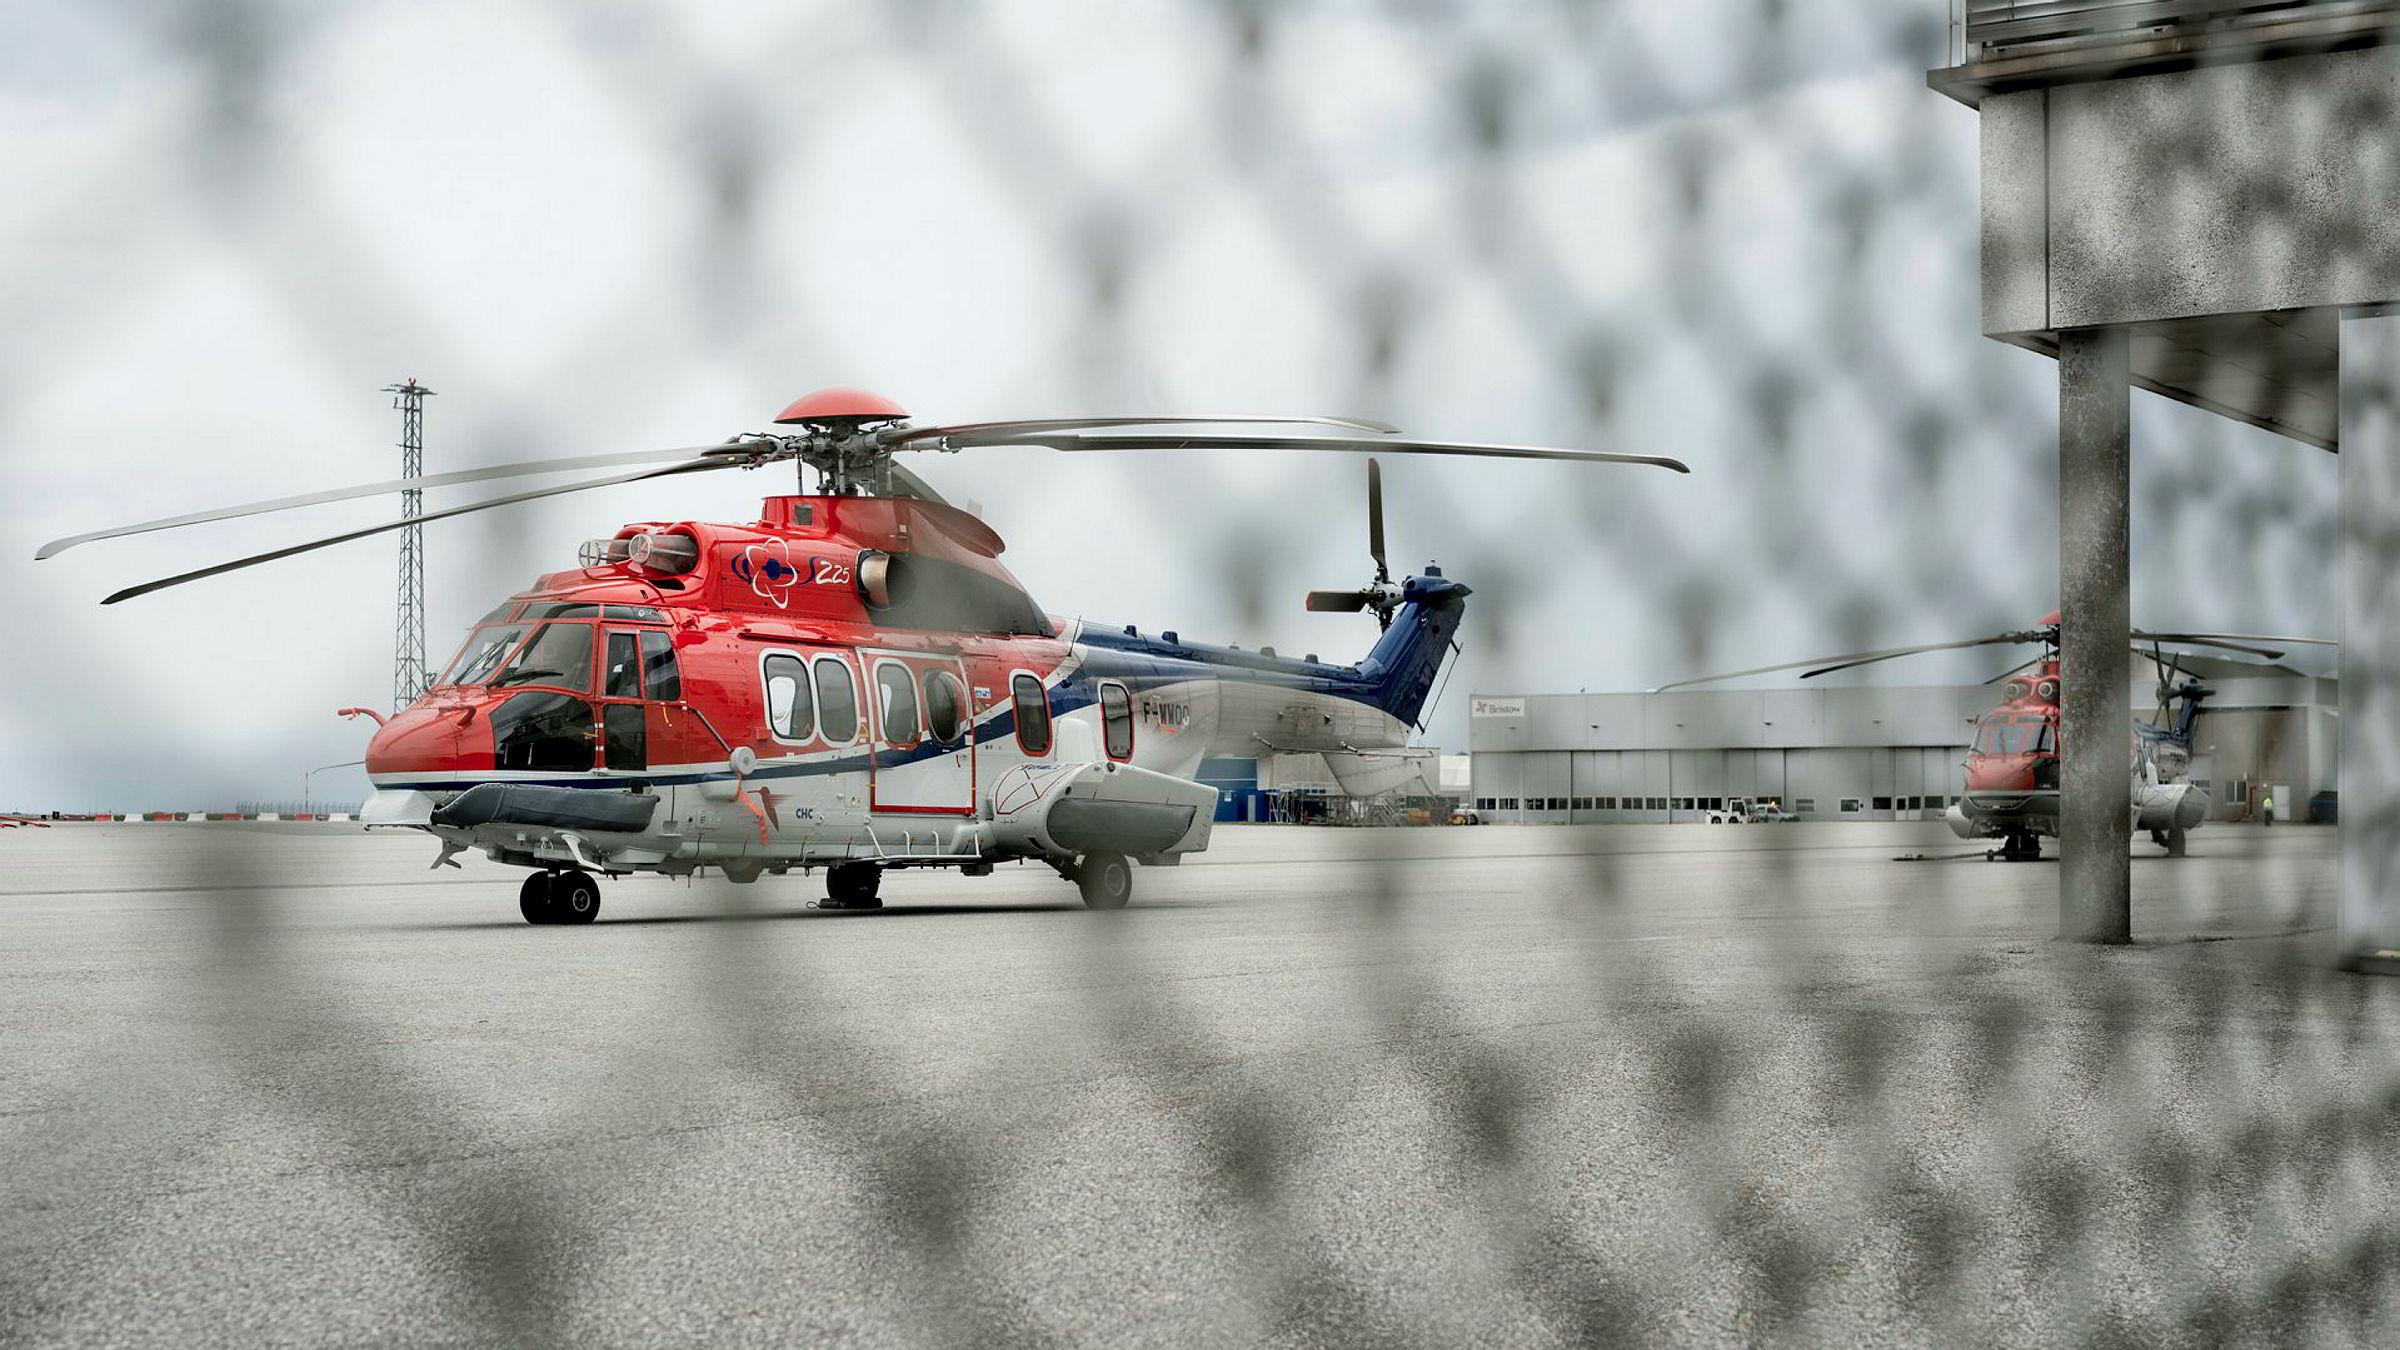 CHCs helikopter EC225 Super Puma av samme type som styrtet utenfor Bergen står på bakken ved Stavanger Lufthavn Sola.